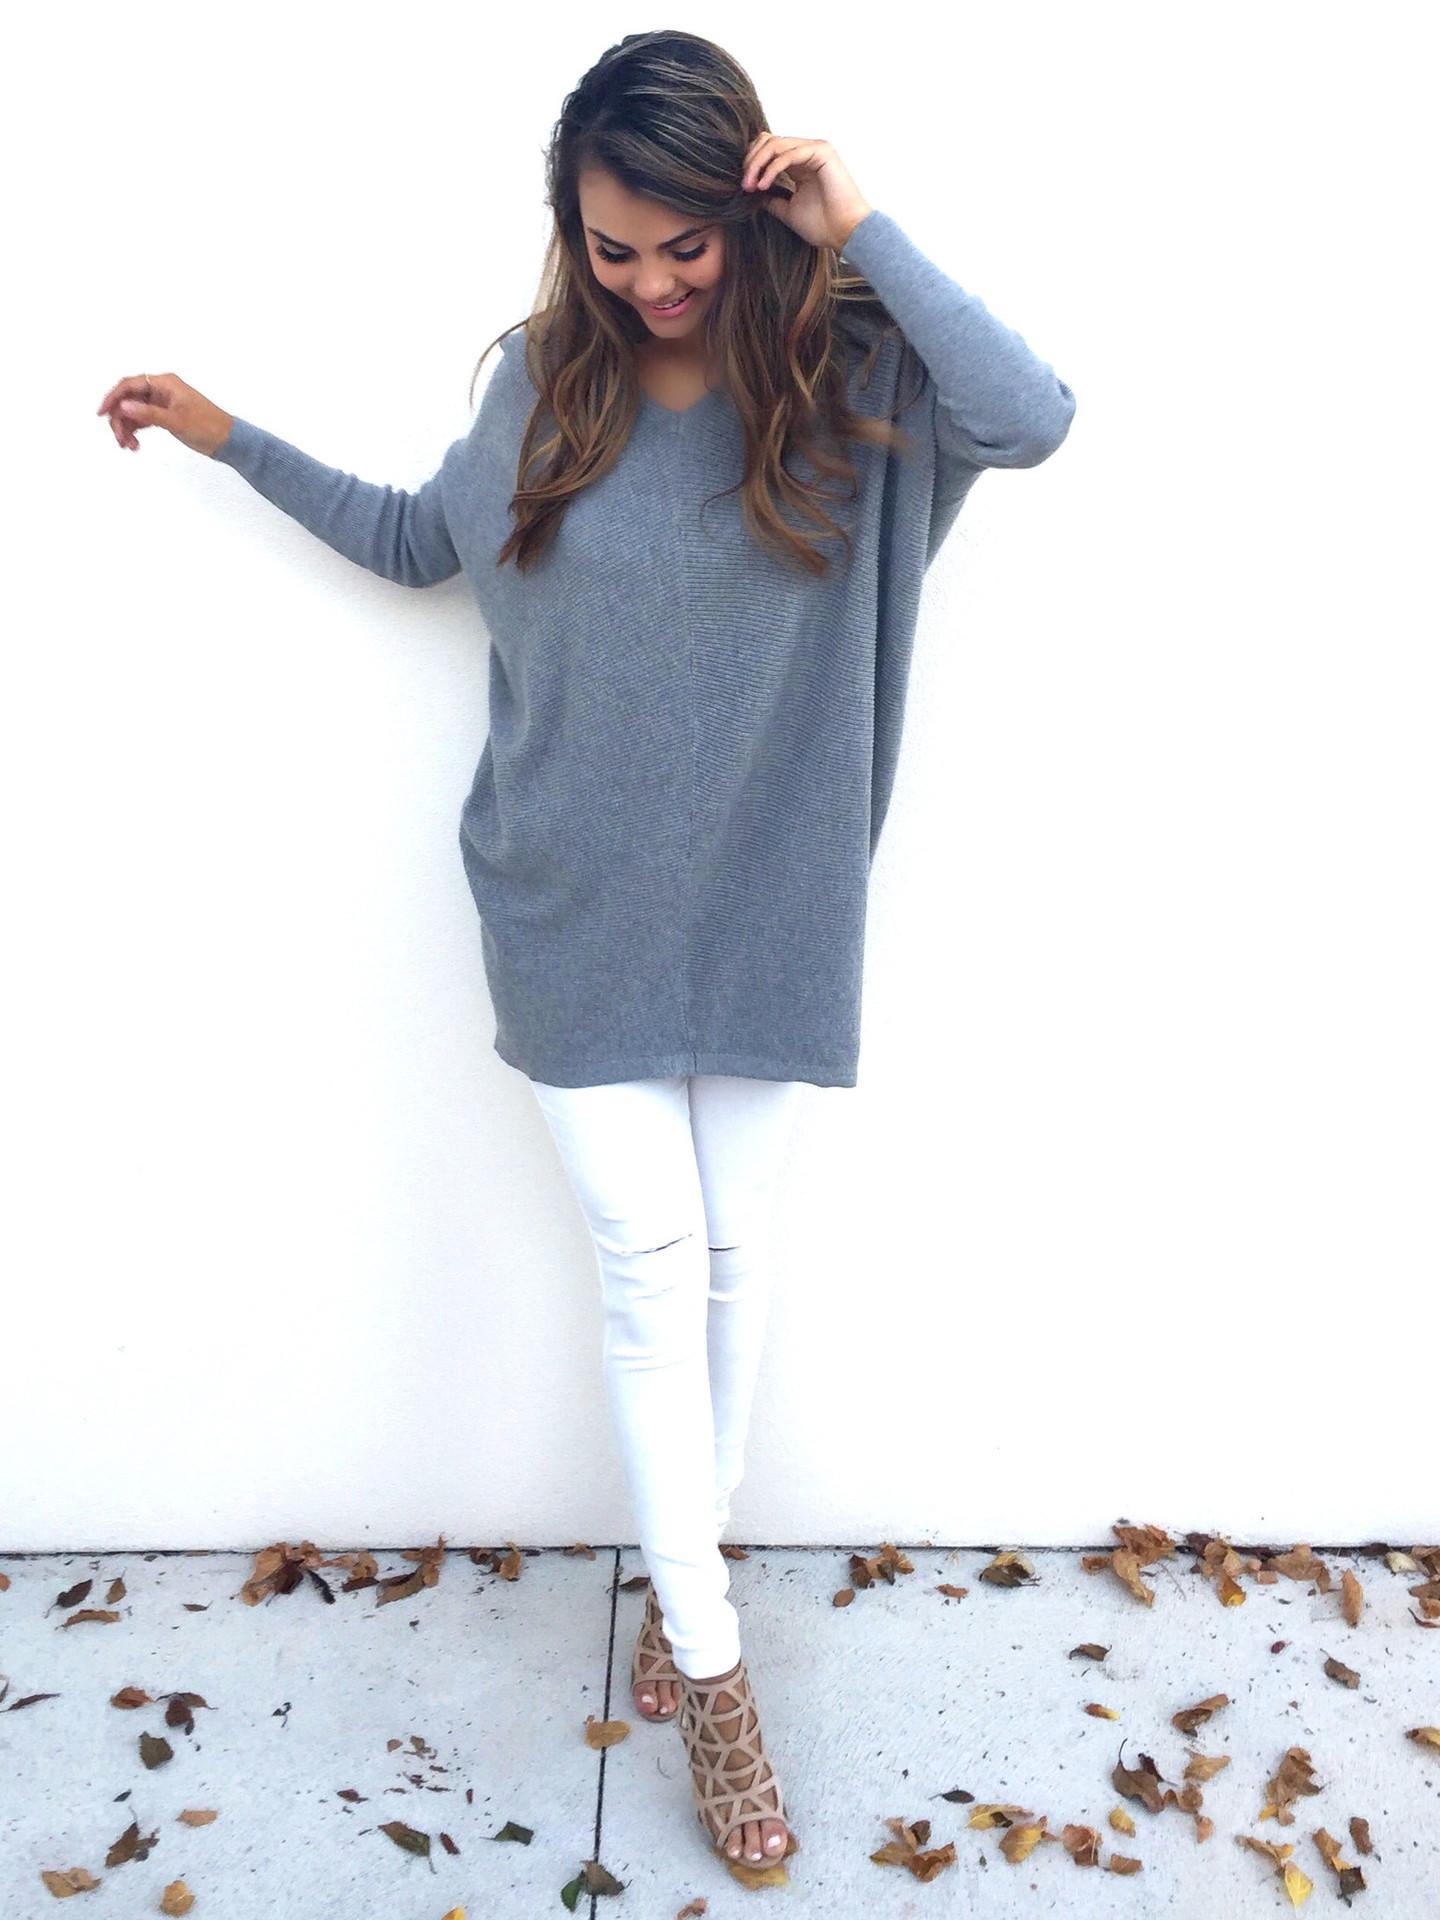 Femmes Automne Hiver Casual Lâche Chandail Dames Longues Pulls À Tricoter 2018 Nouveau Jumer Plus Taille Chandail De Noël